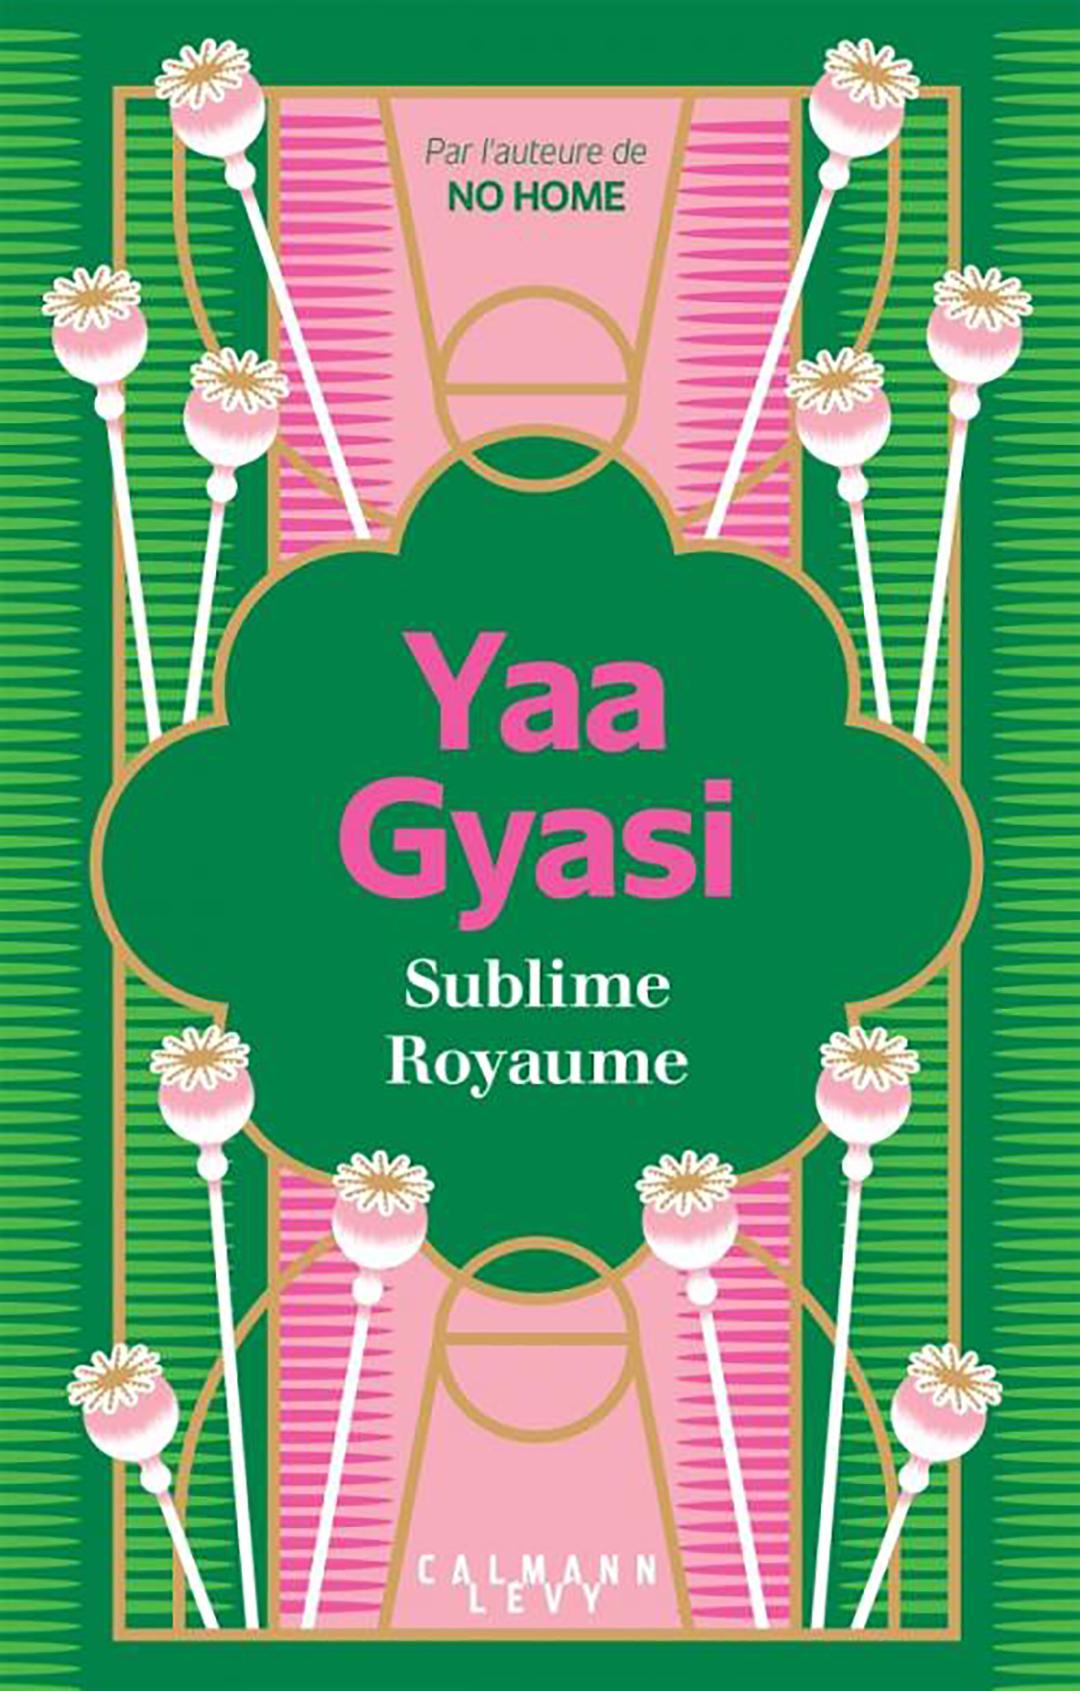 « Sublime Royaume », de Yaa Gyasi, a été traduit en français par Anne Damour. Il est paru aux éditions Calmann-Levy le 19 août (324 pp. 20,90 euros). Il sortira aux États-Unis en septembre.